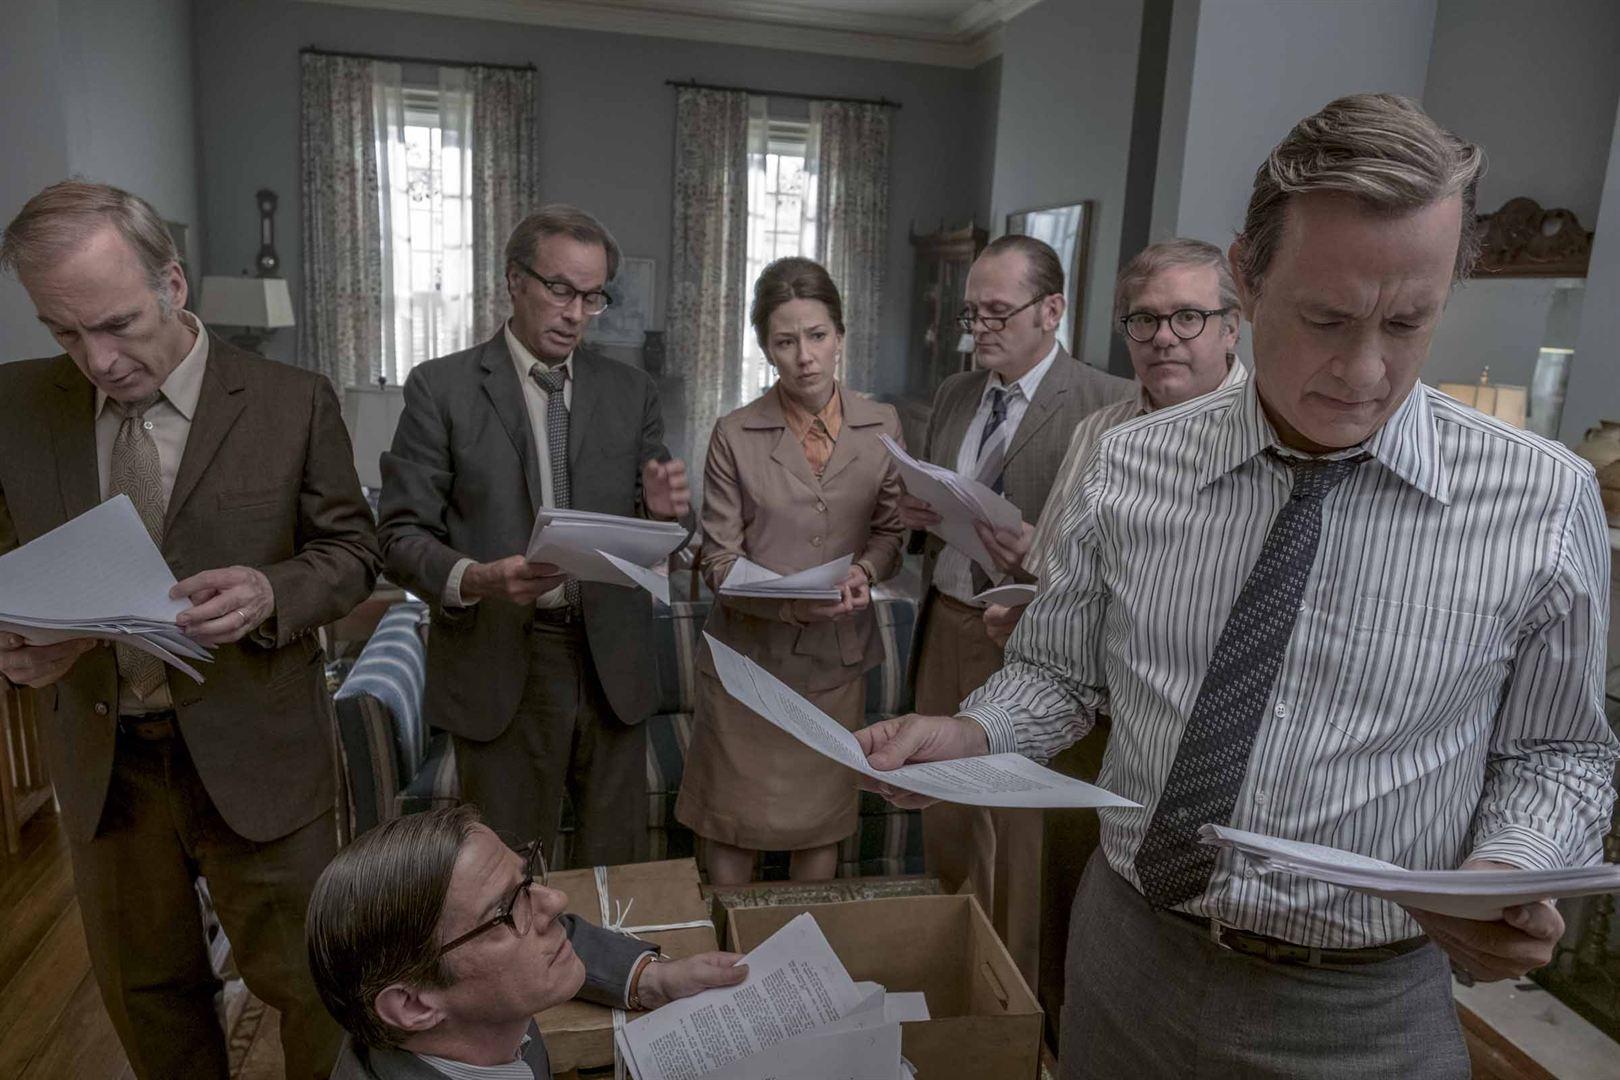 Pentagon Papers : retour sur le geste héroïque qui a entraîné les révélations journalistiques nécessaires évoquées dans le film.